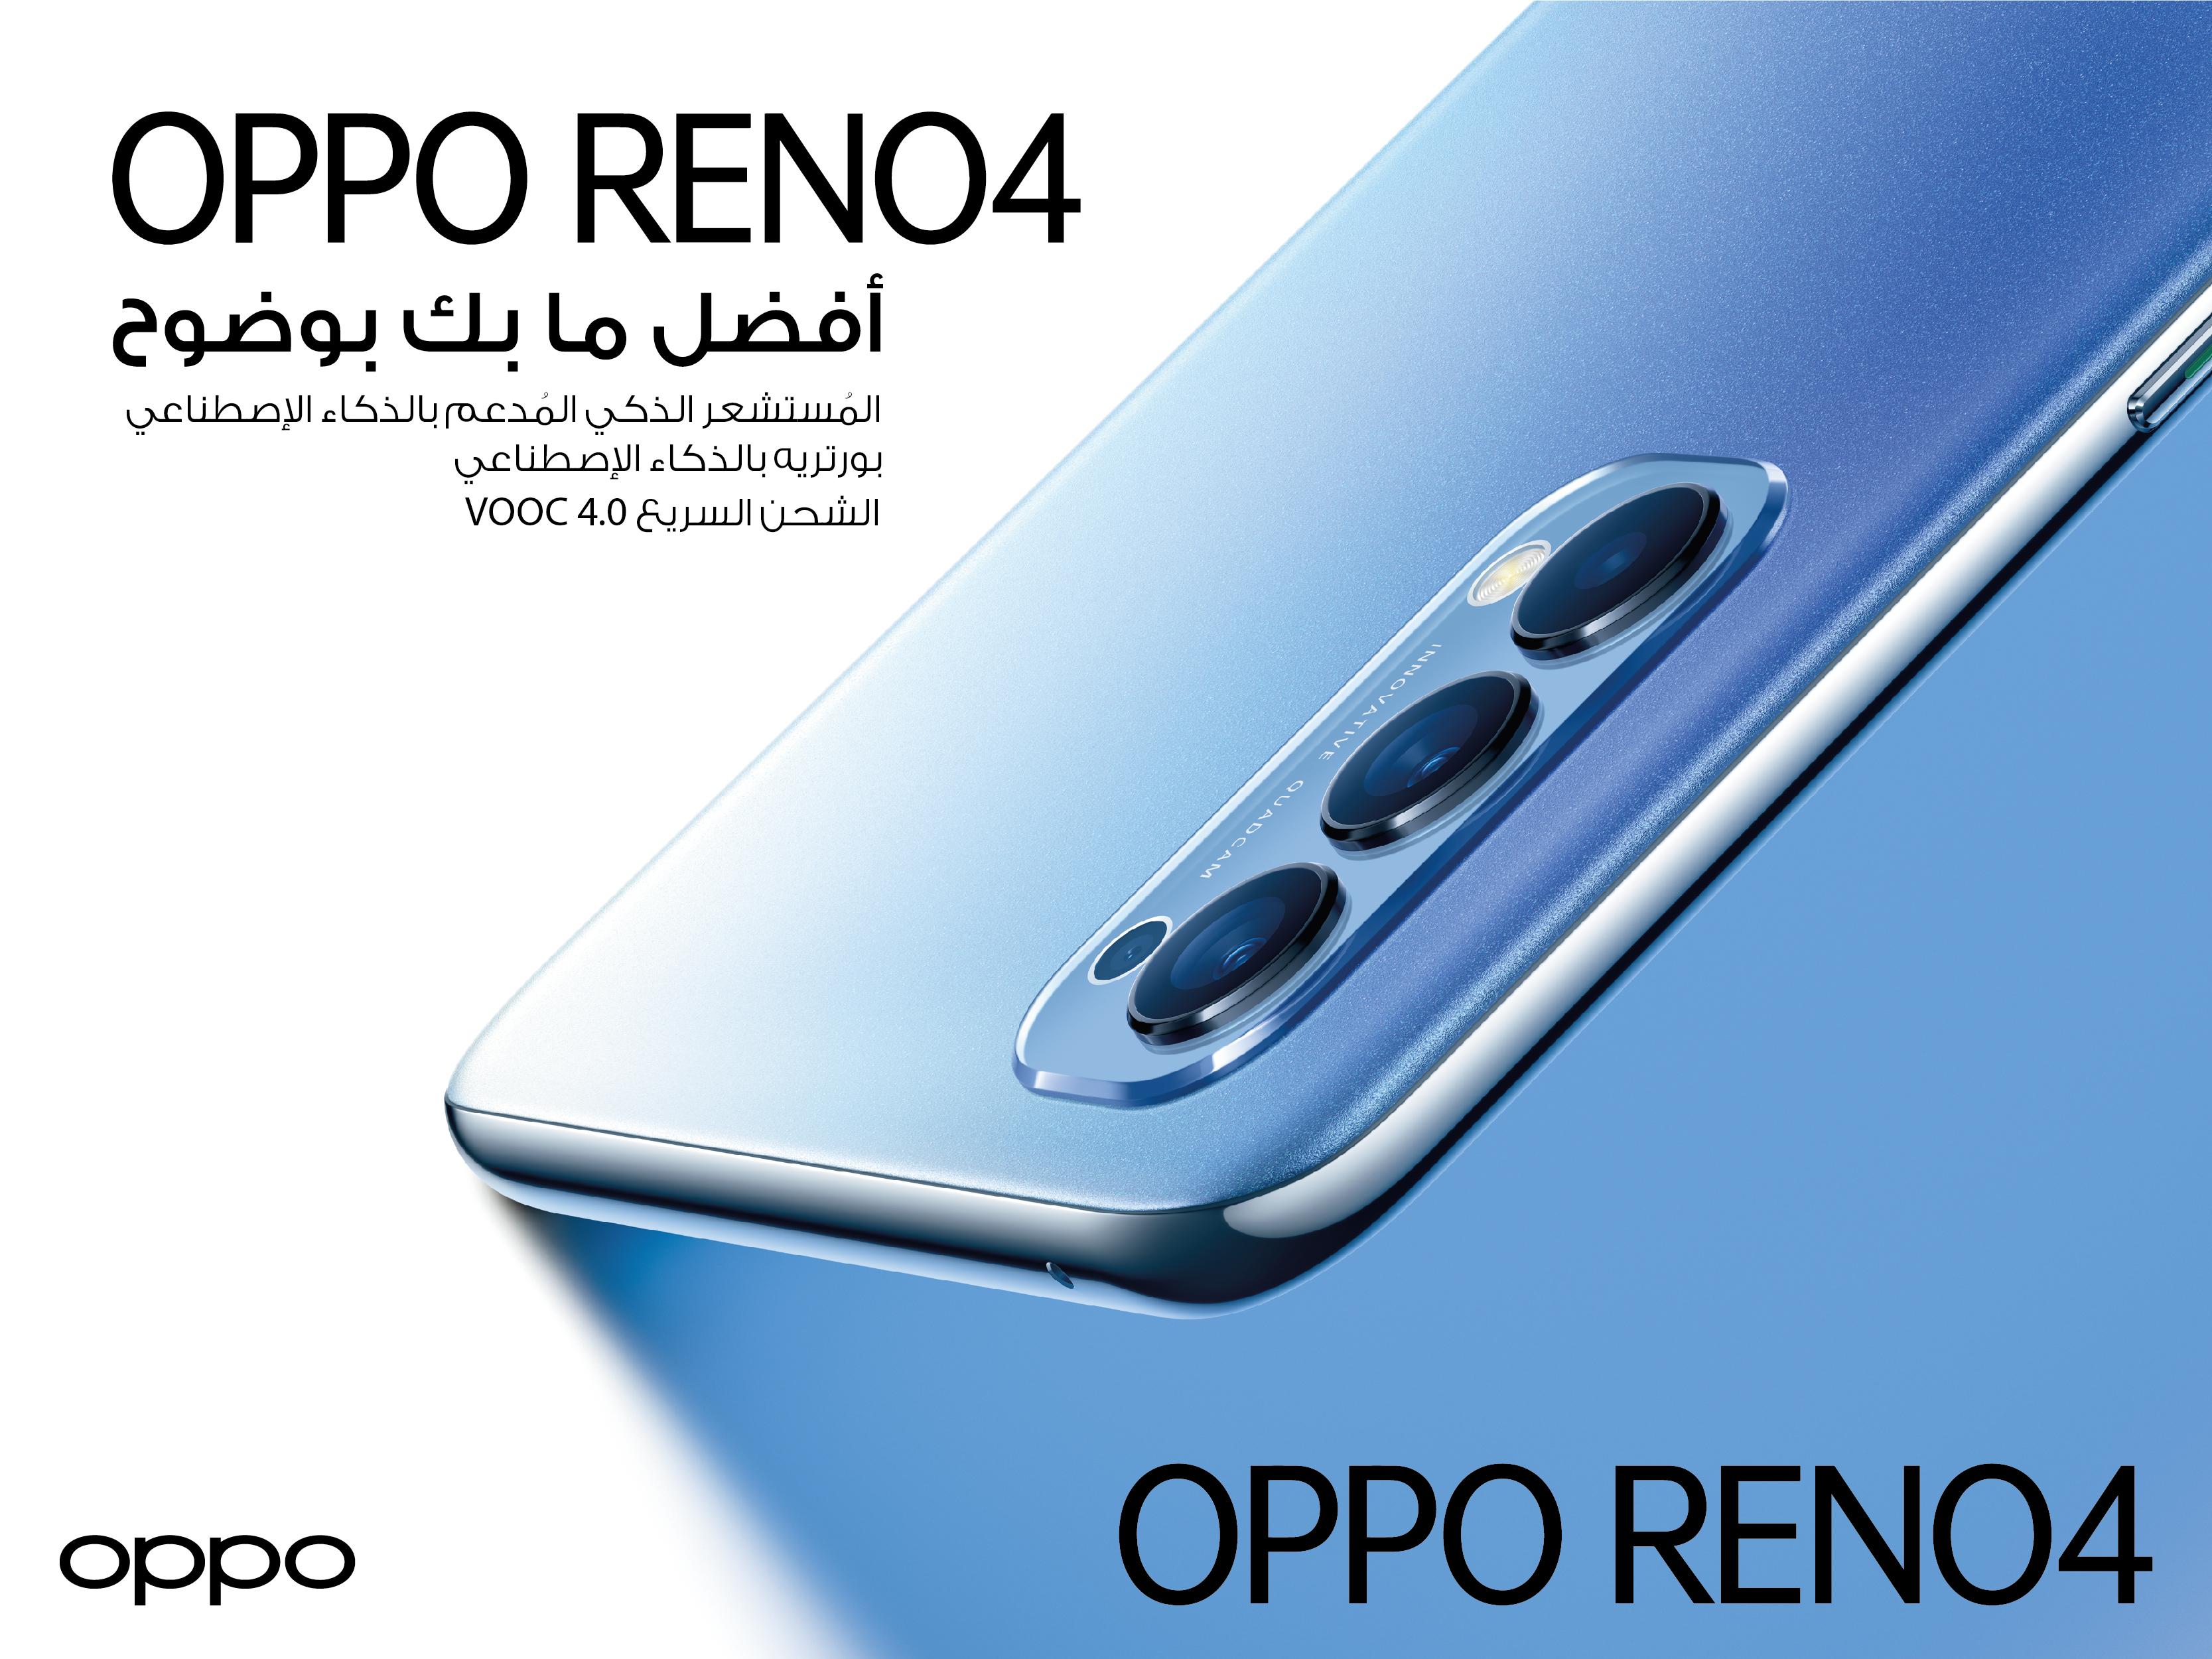 """OPPO تطلق Reno4 ، و تطلق العنان ل """" أنت بأحلى صورة """" من خلال التصوير الرائد والتفاعلات الخالية من اللمس"""